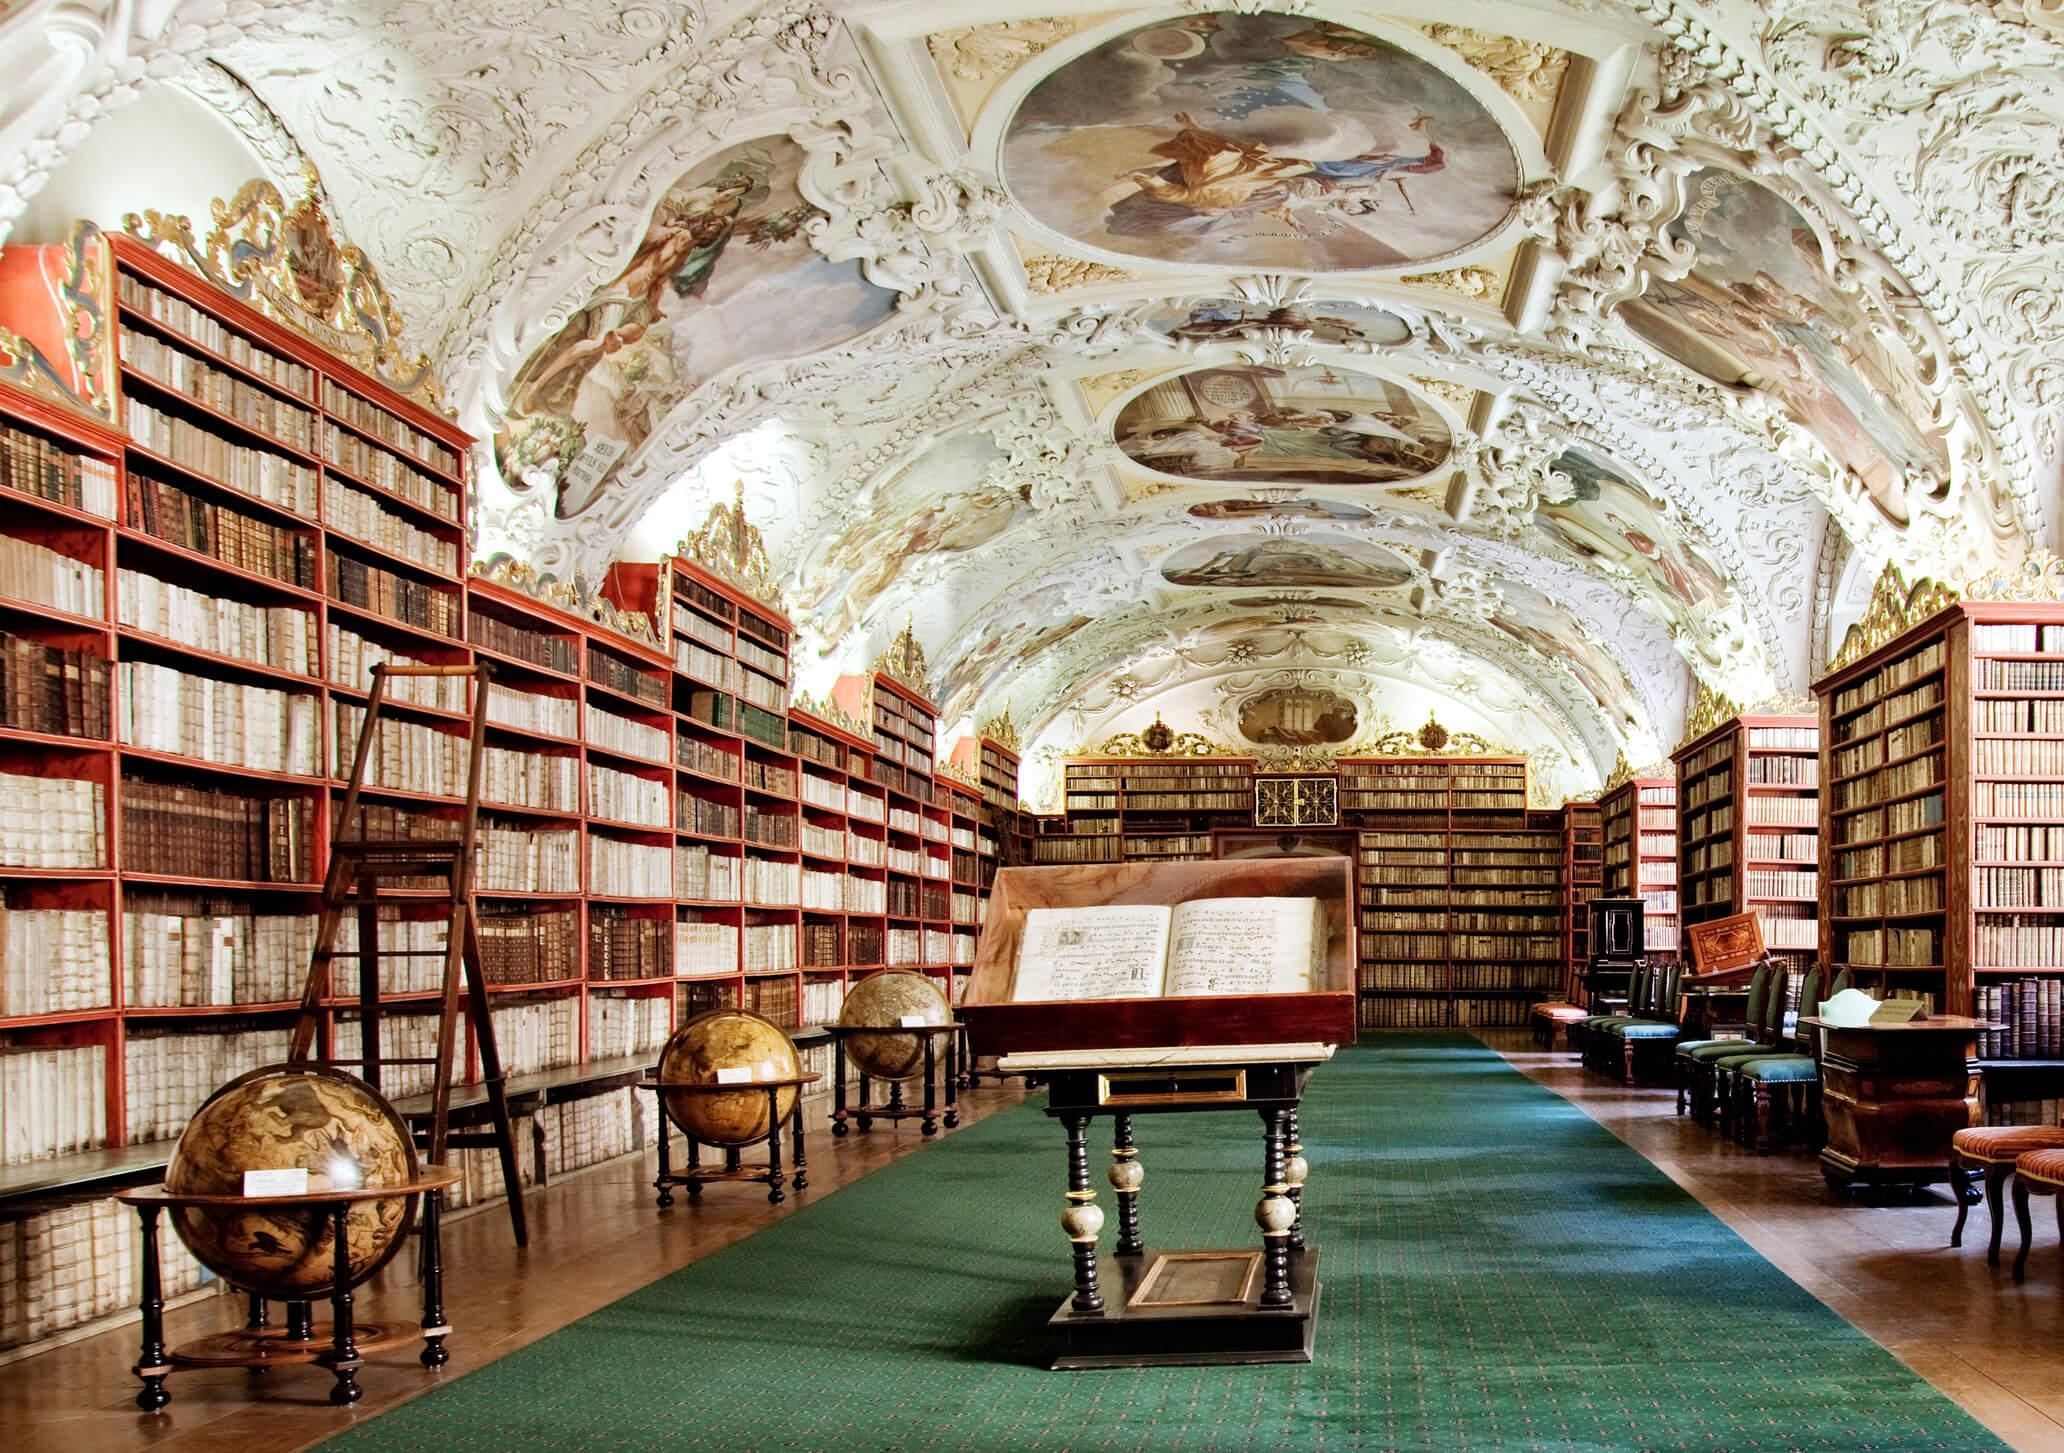 viaje a Praga barato, biblioteca